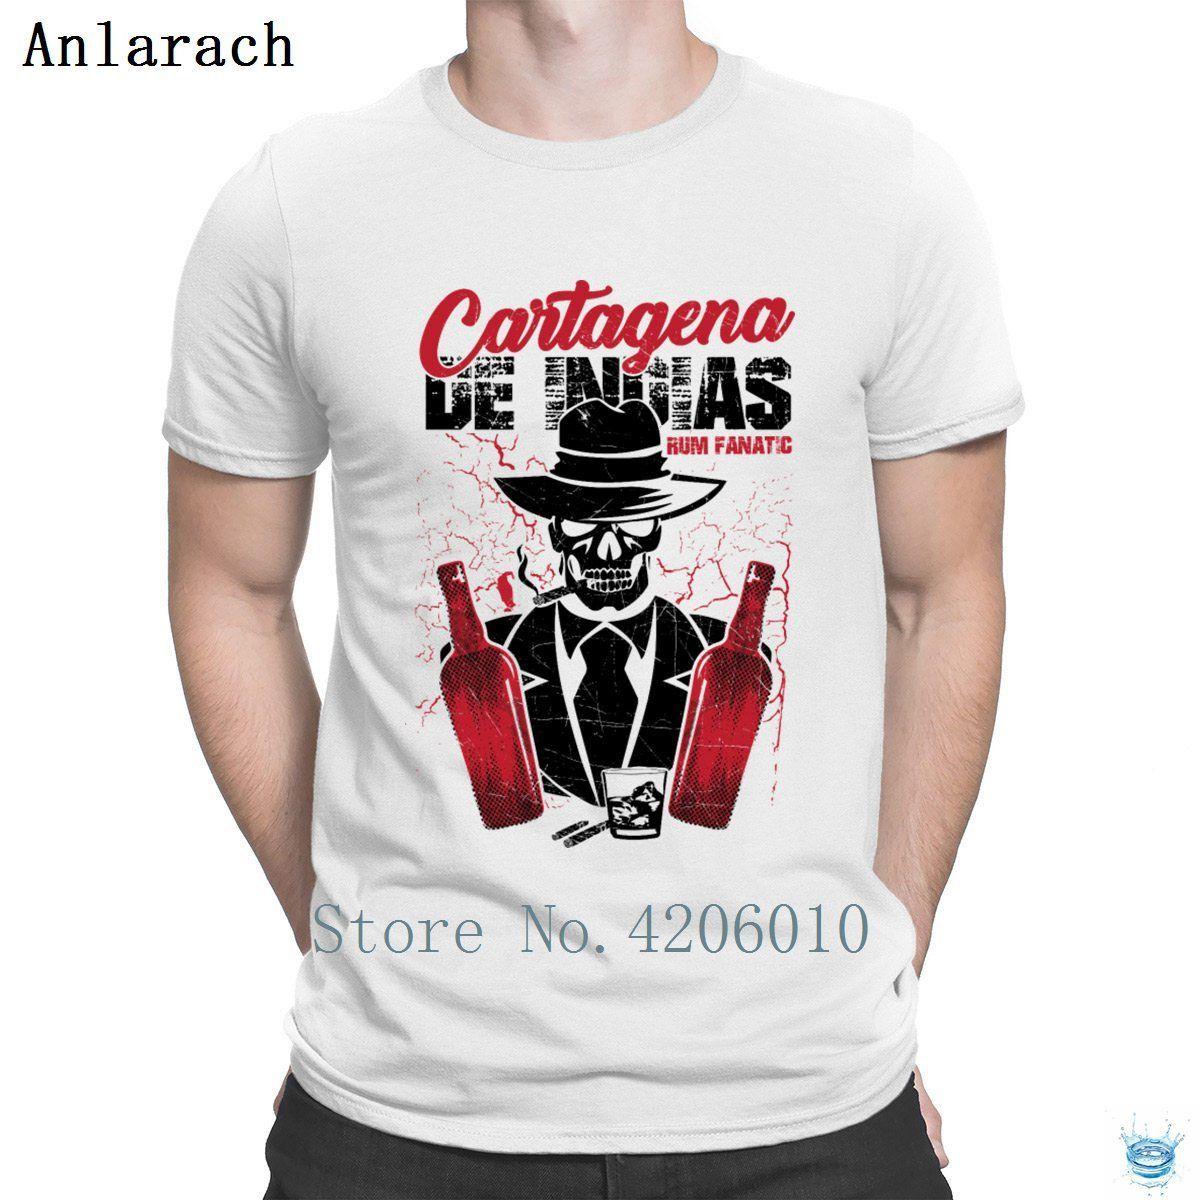 Tshirt Rum Fanatic Cartagena de Indias in Colombia maglietta Estate Graphic grande misura uomo Creare Tee Tops Anlarach Slim Fit